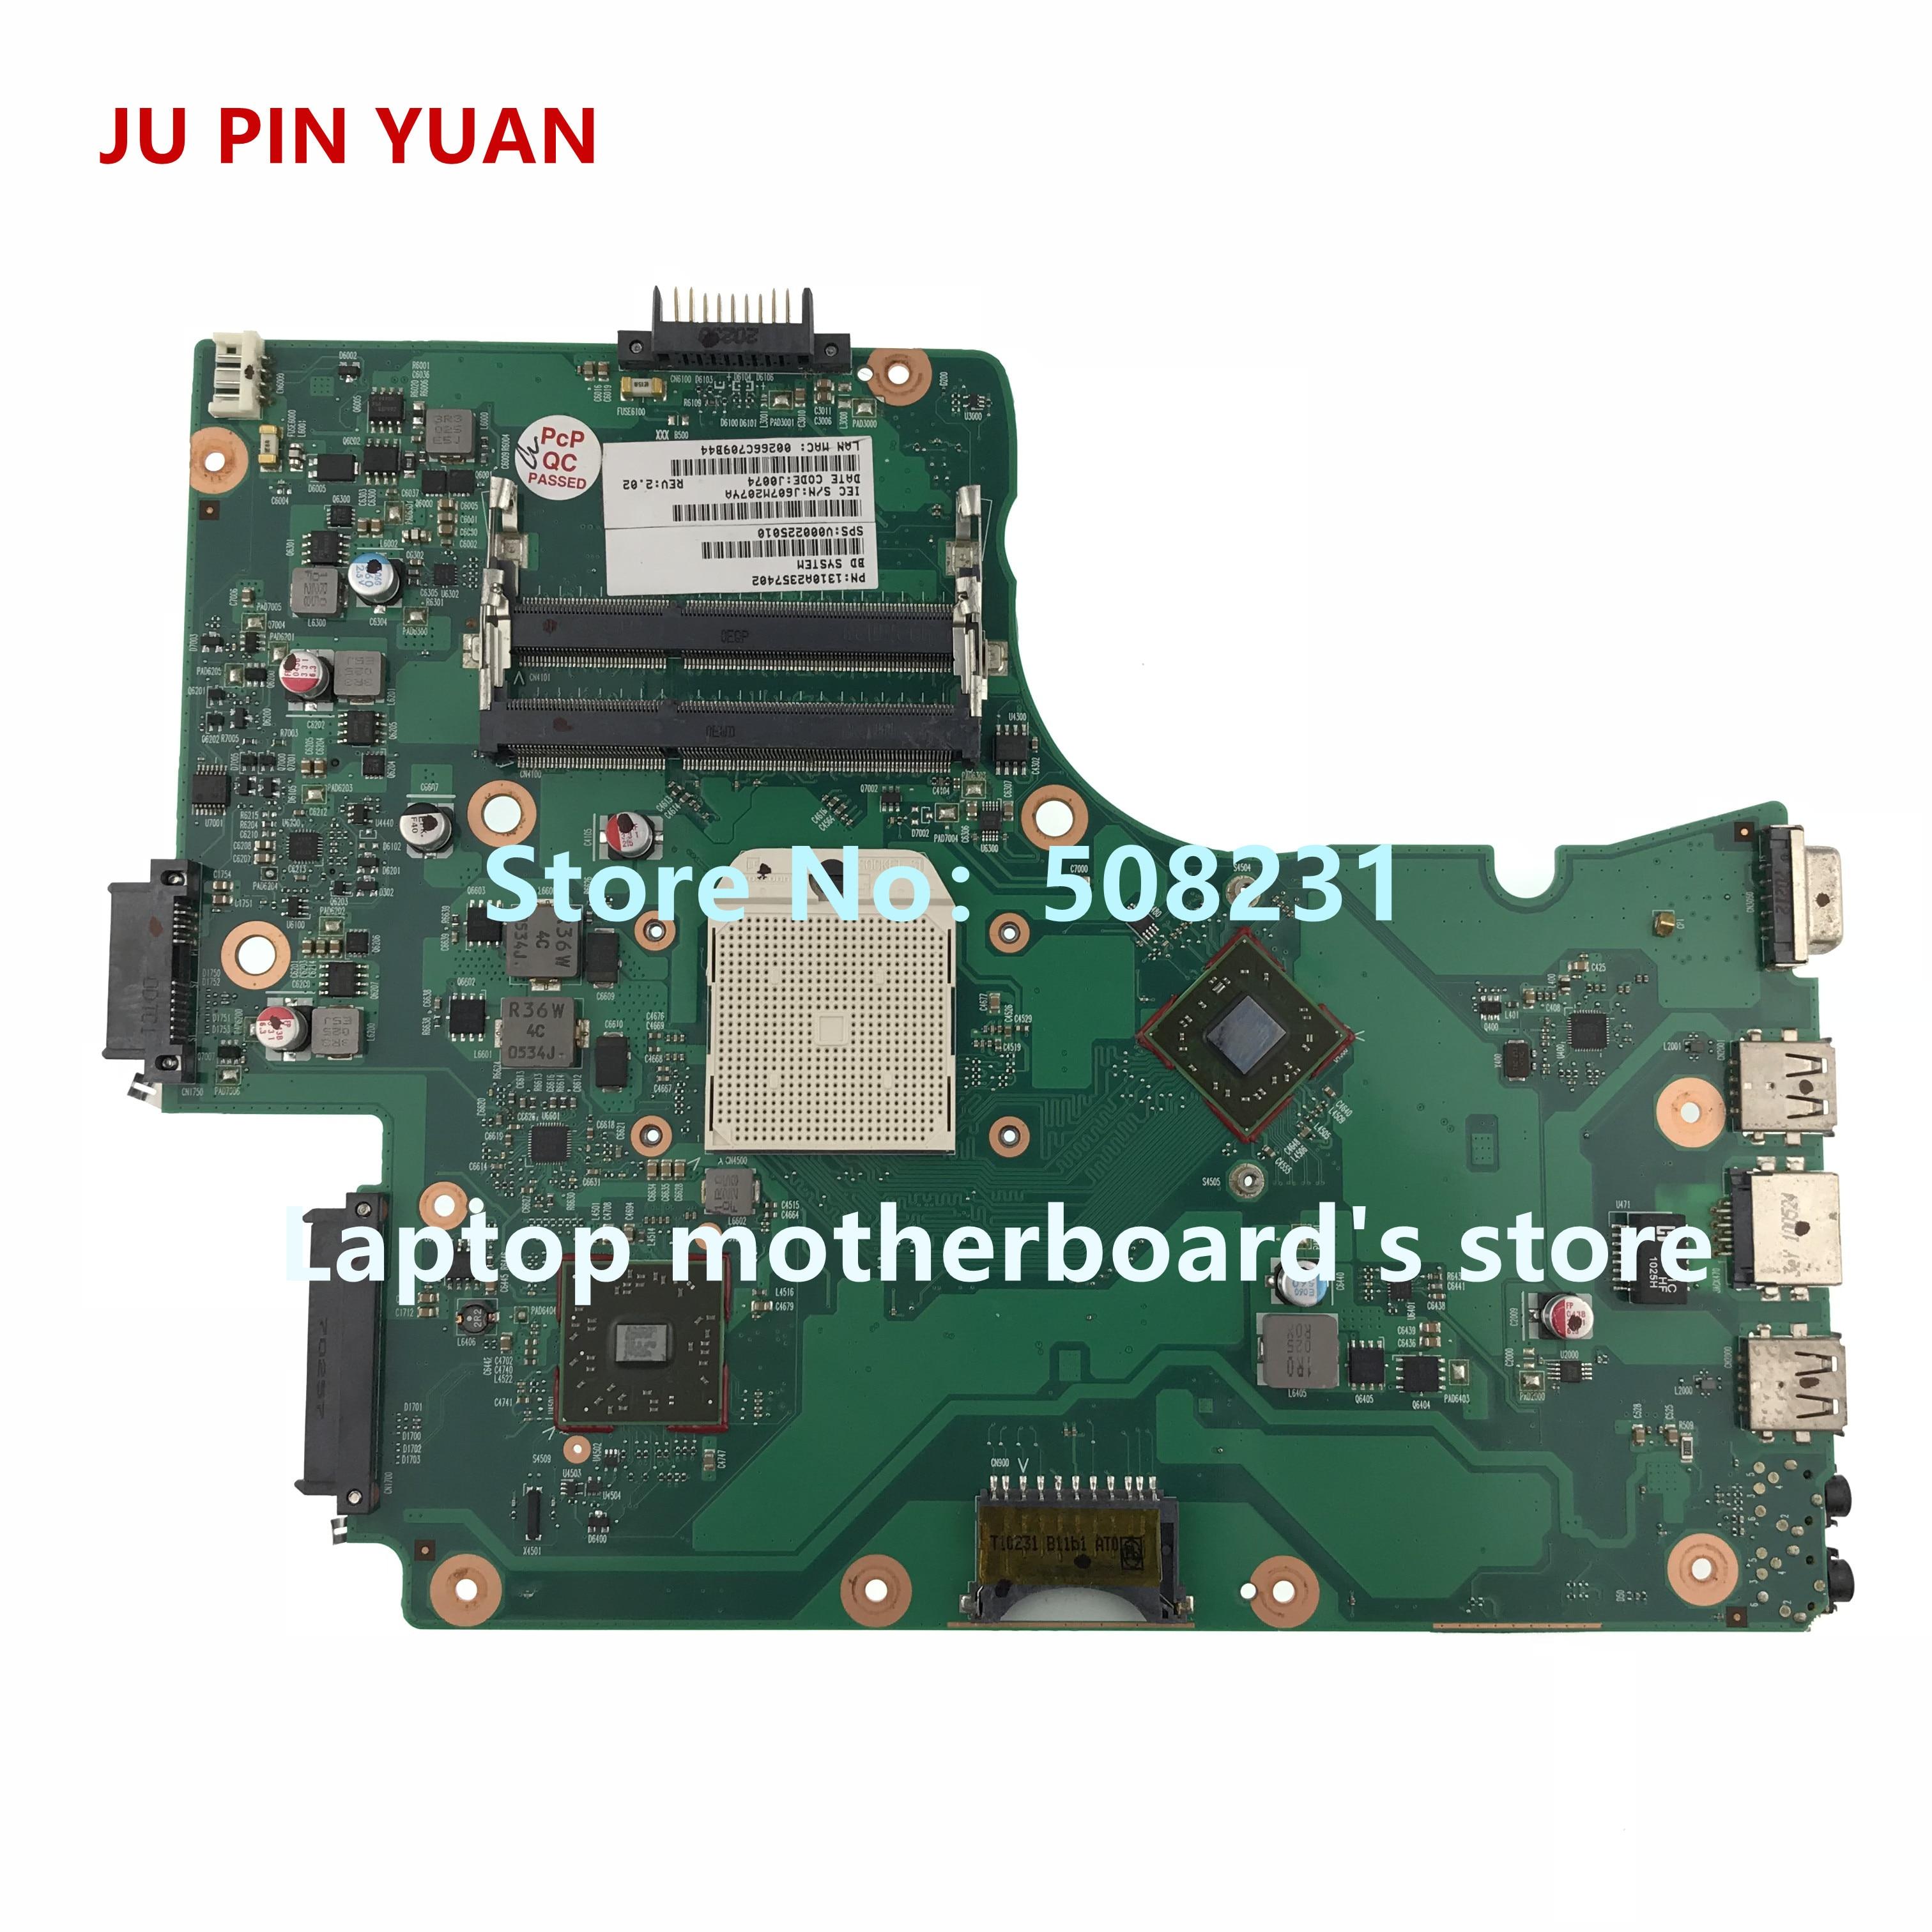 JU PIN YUANS V000225010 carte mère Pour Toshiba Satellite C650D C655D mère d'ordinateur portable 6050A2357401-MB-A02